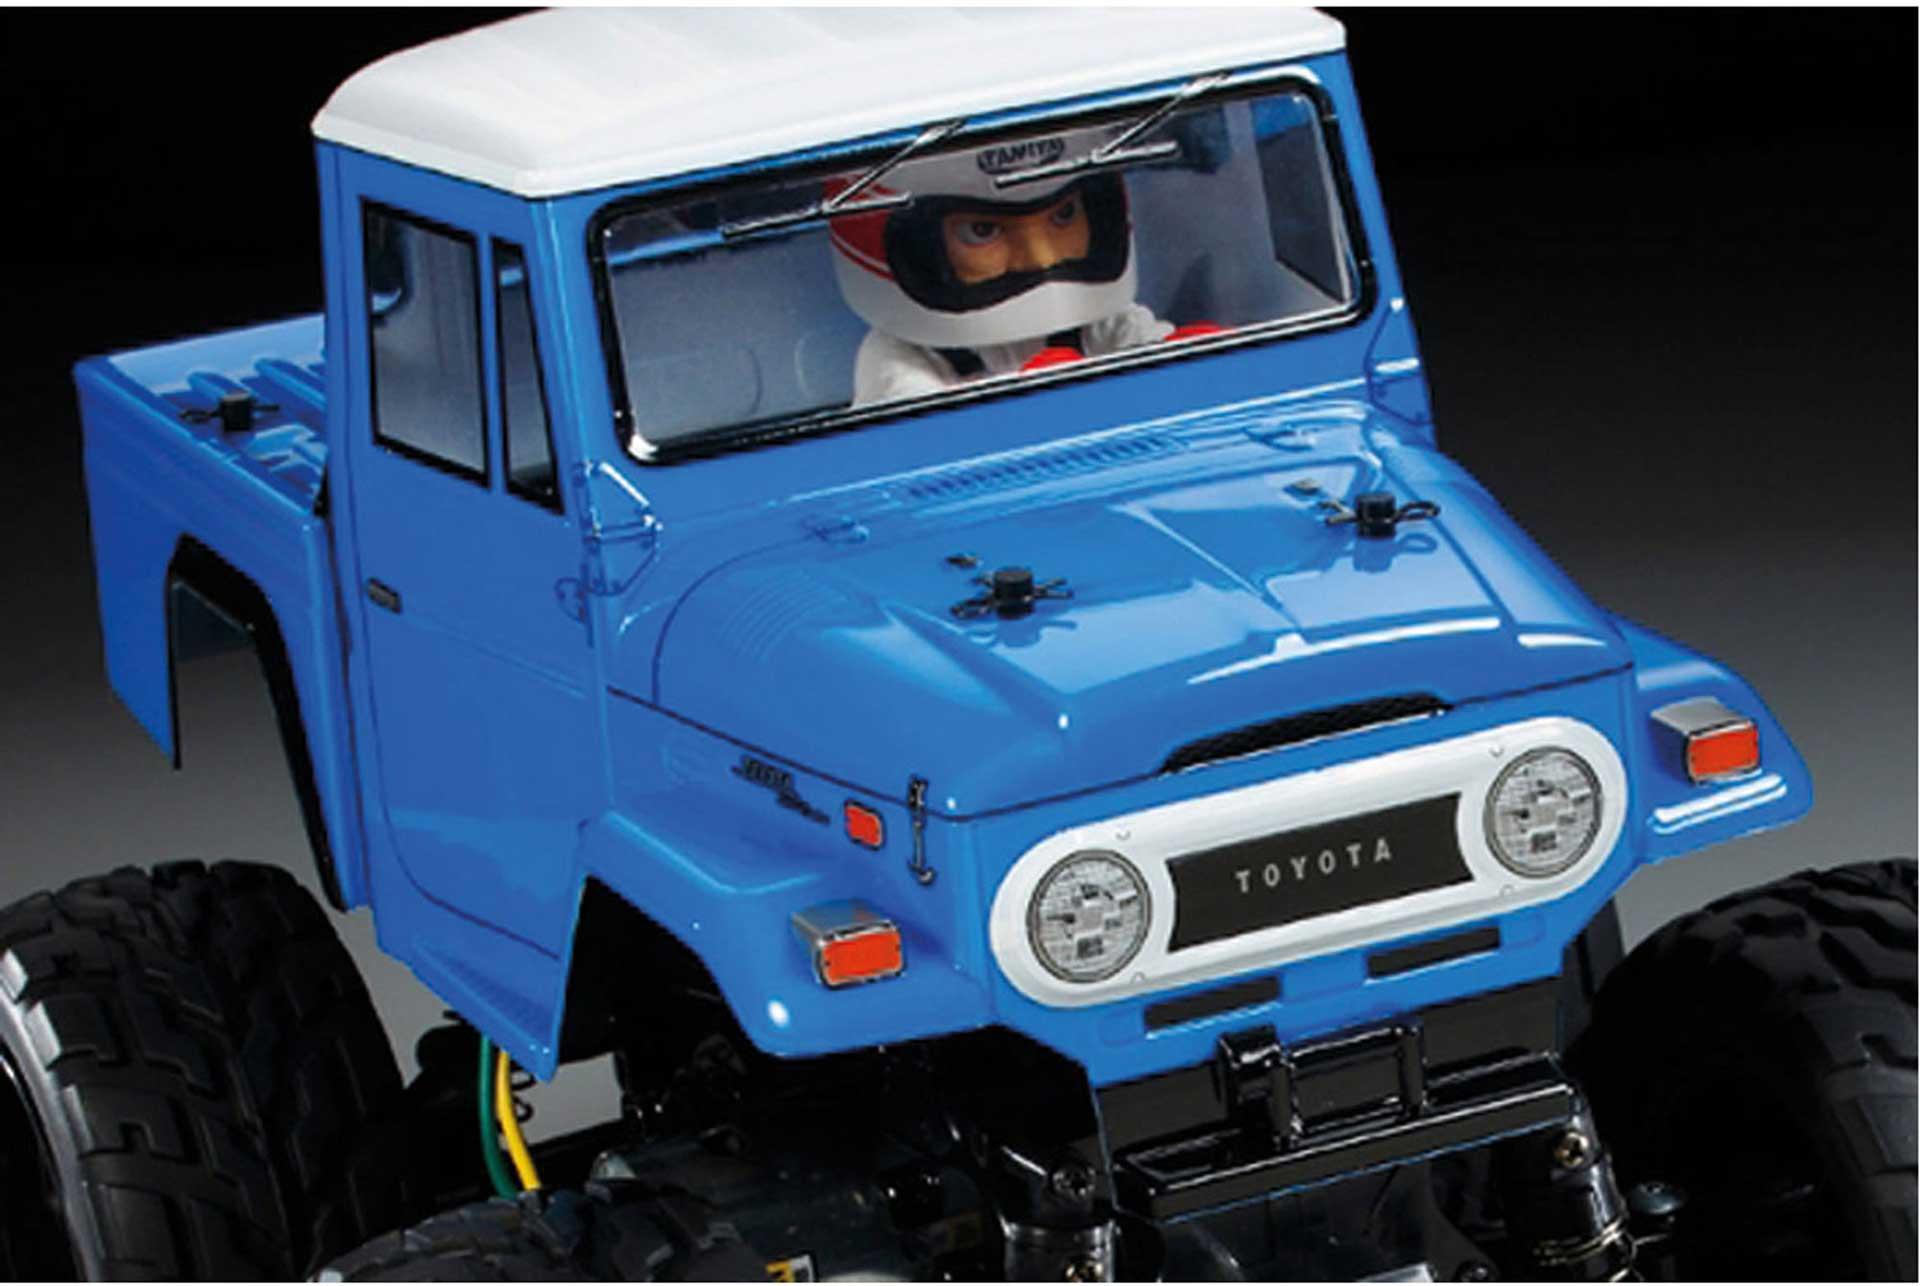 TAMIYA TOYOTA LANDCRUISER 40 PICKUP GF-01 1/10 BAUSATZ ELEKTRO 4WD